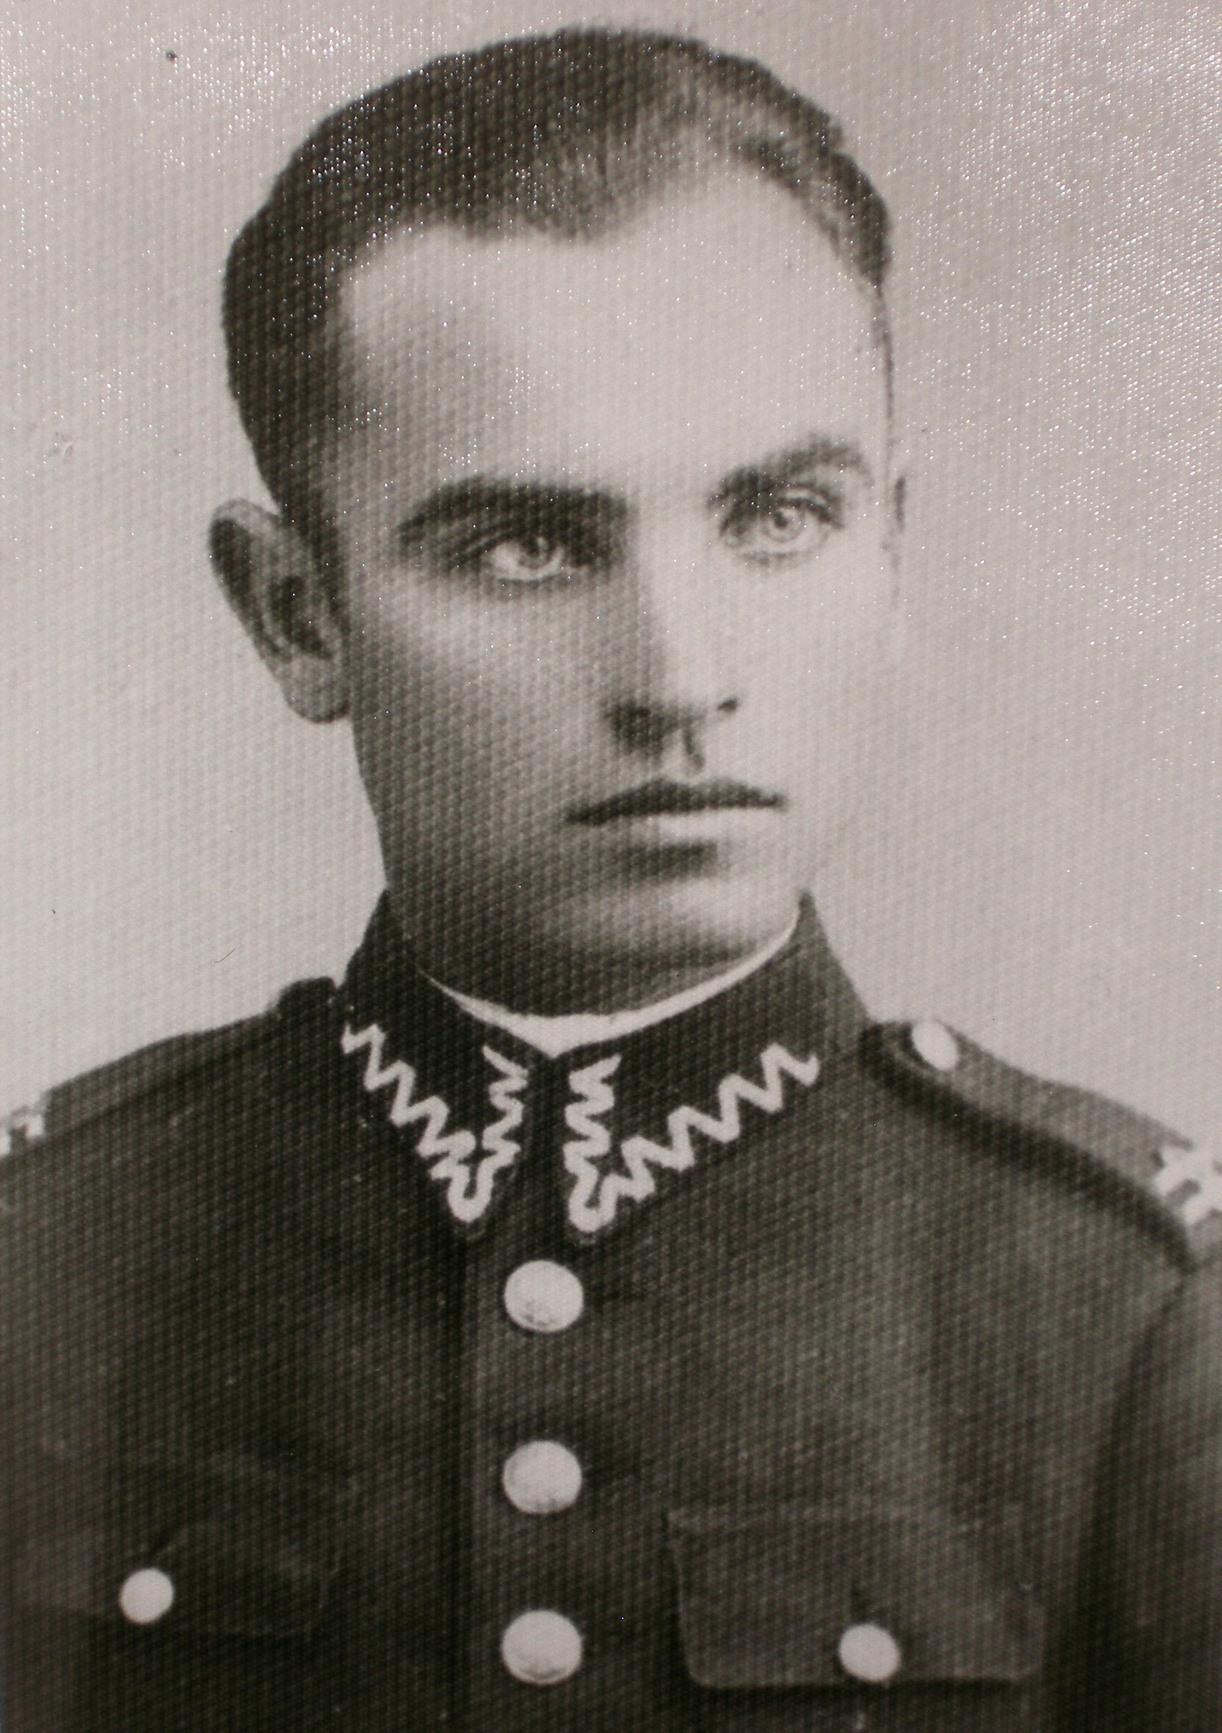 """W oddziale, który Sztuka zdradził, działał m.in. Józef Kaczoruk """"Kiwi"""". Zdjęcie z 1938 roku."""